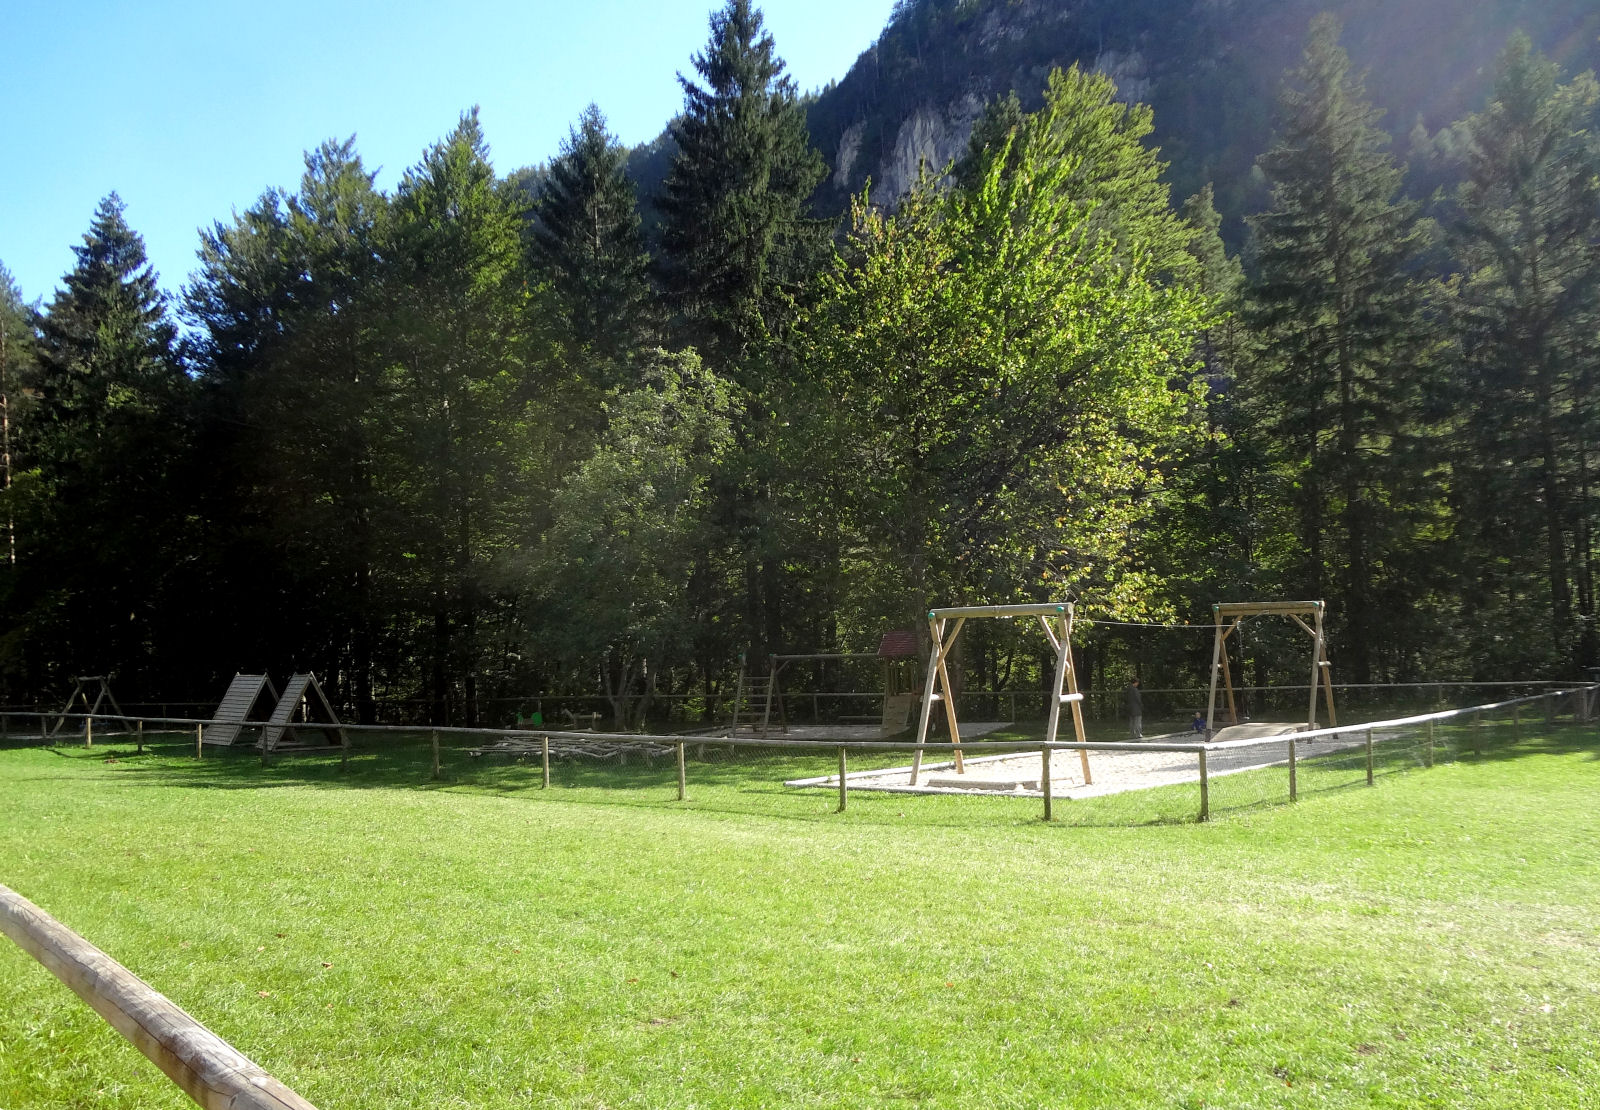 children-playground-07-recreation-park-zavrsnica